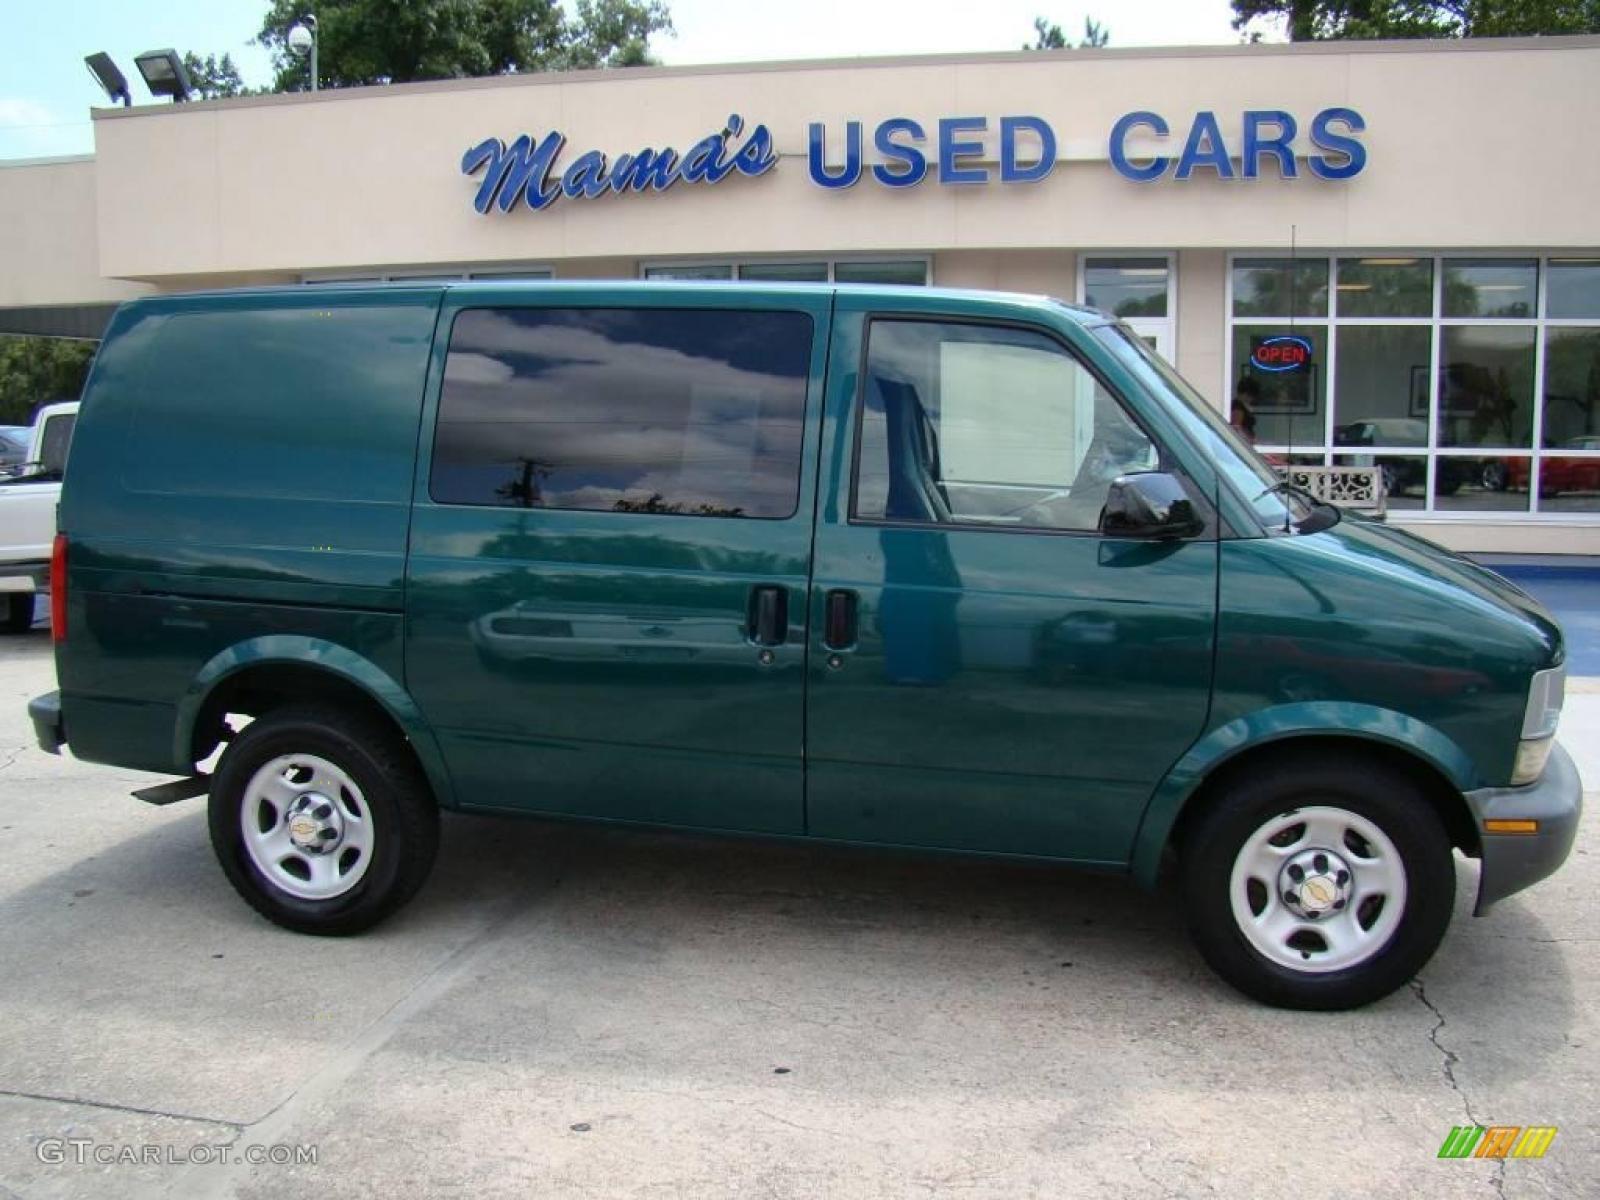 800 1024 1280 1600 origin 2004 Chevrolet Astro Cargo #4